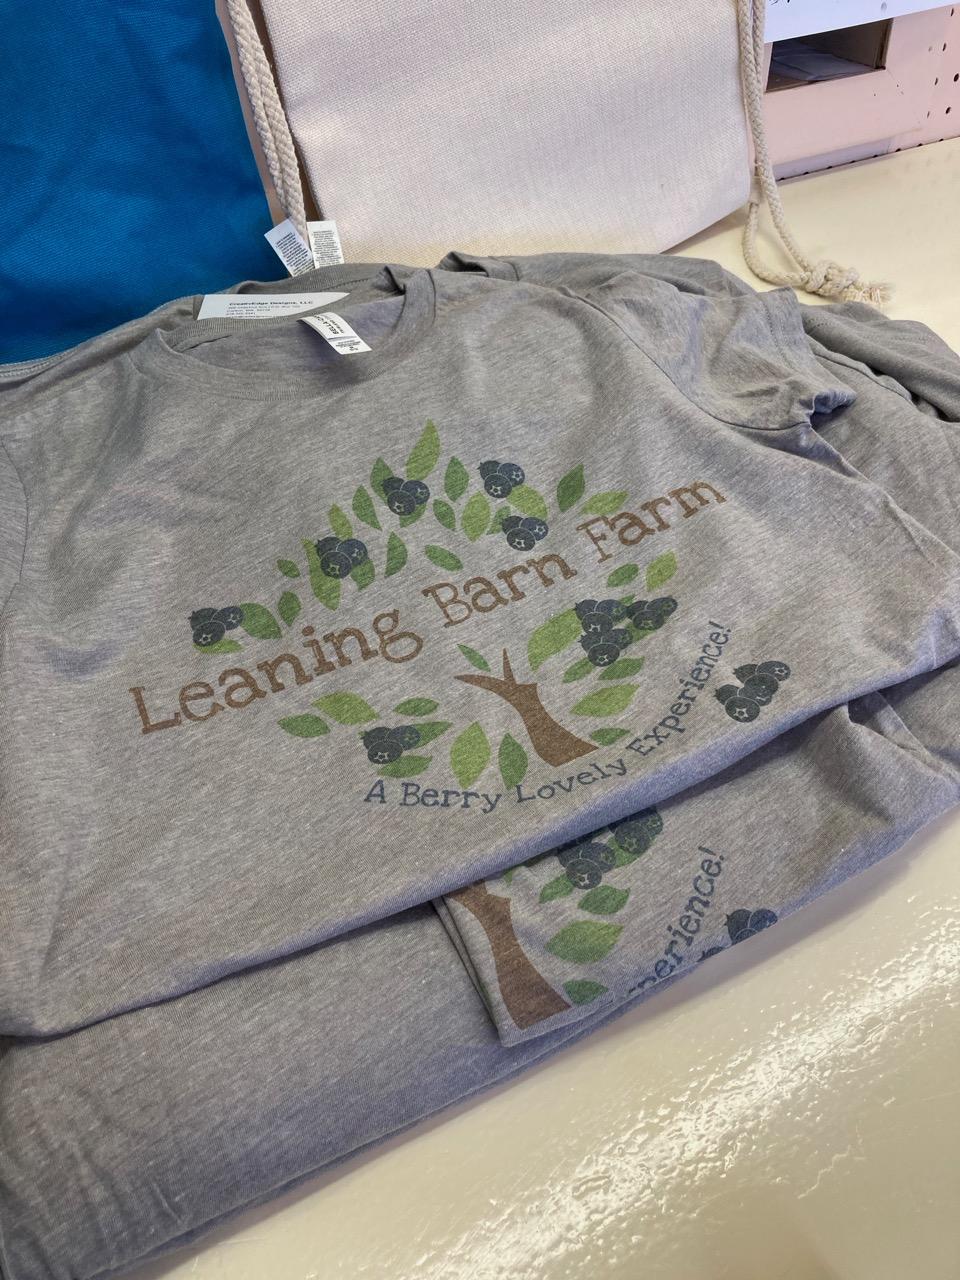 Leaning Barn Farm